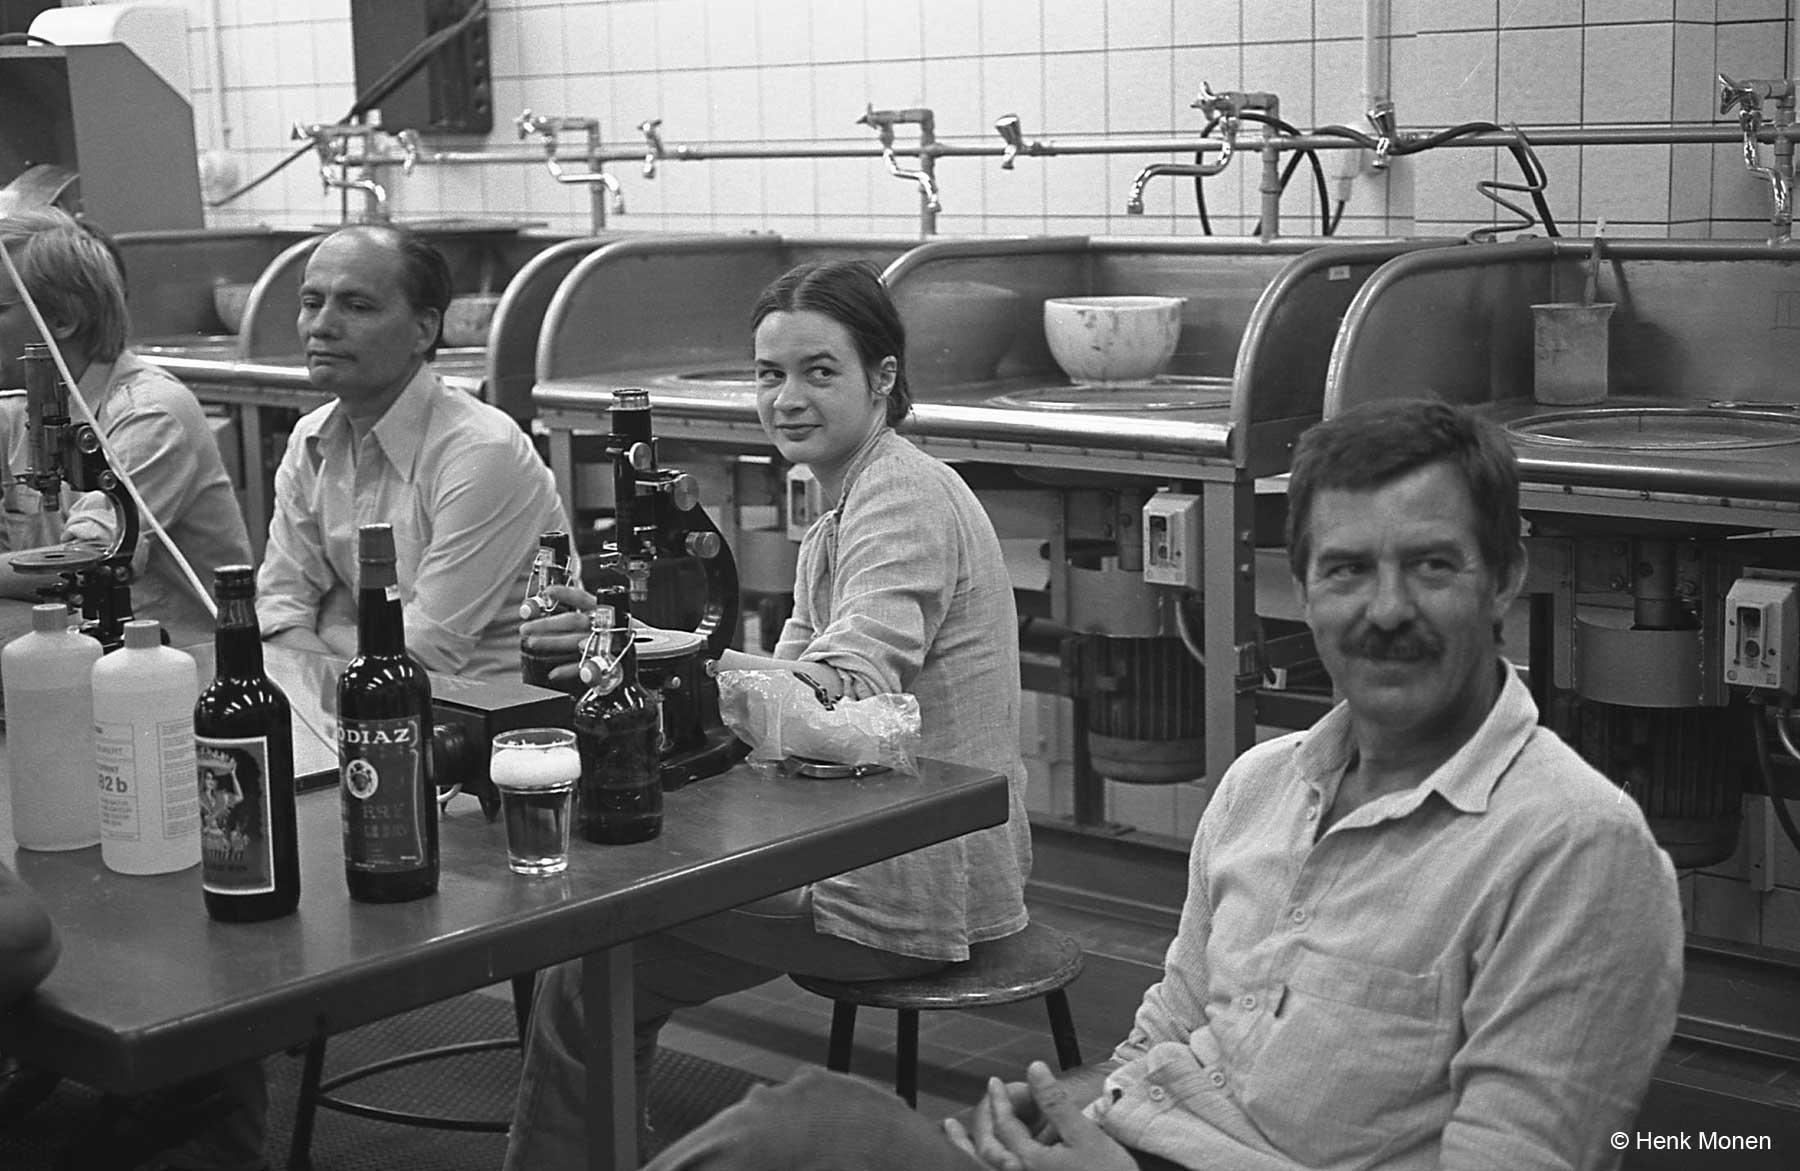 meneer de Herdt, Thea van Meerten en Dirk Beets